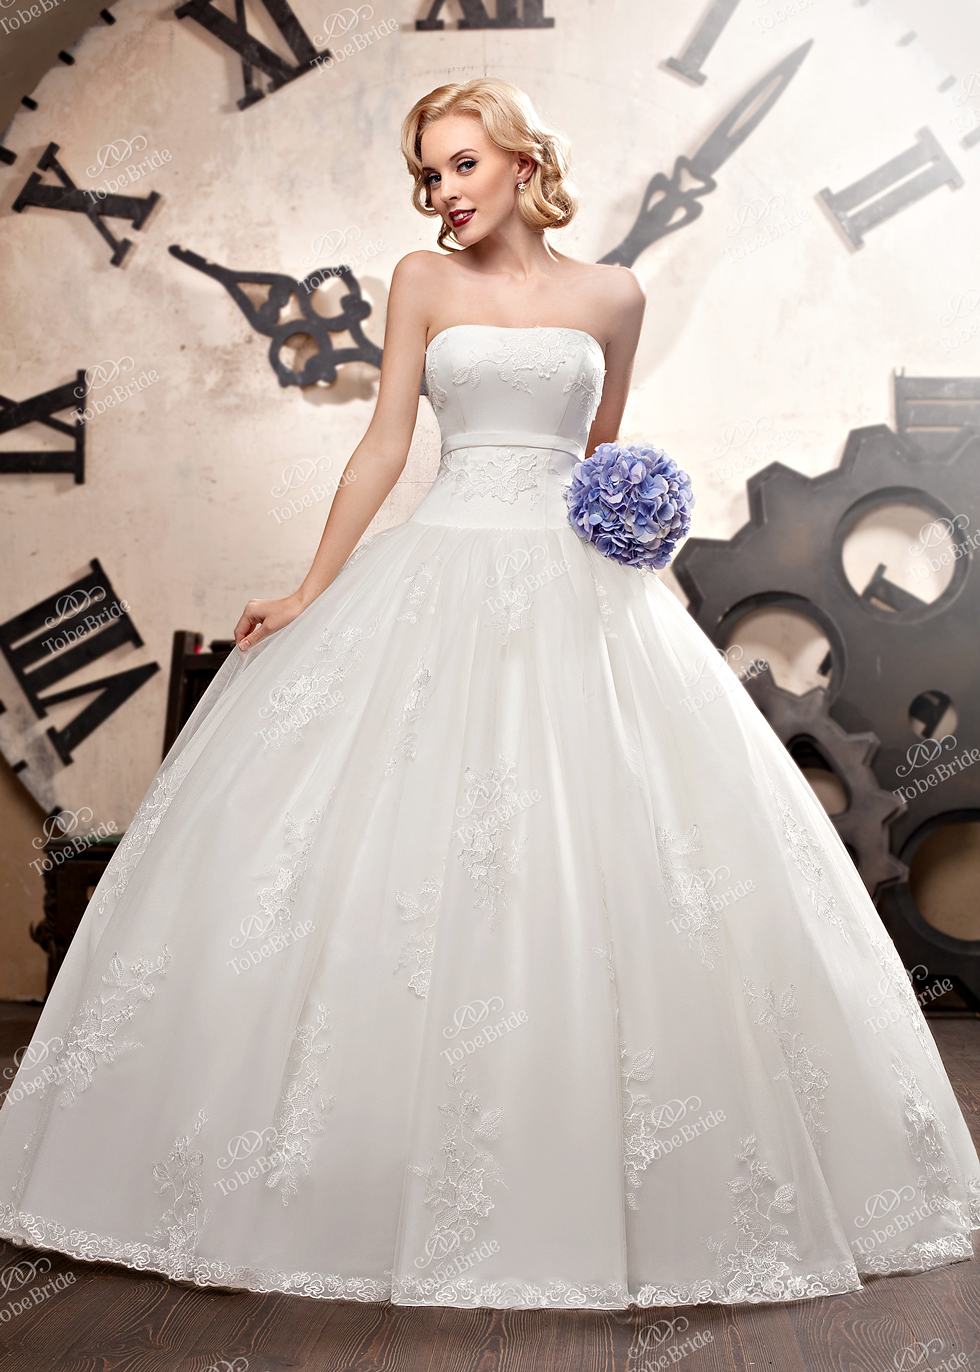 пышные свадебные платья 2014 фото | Фотоархив